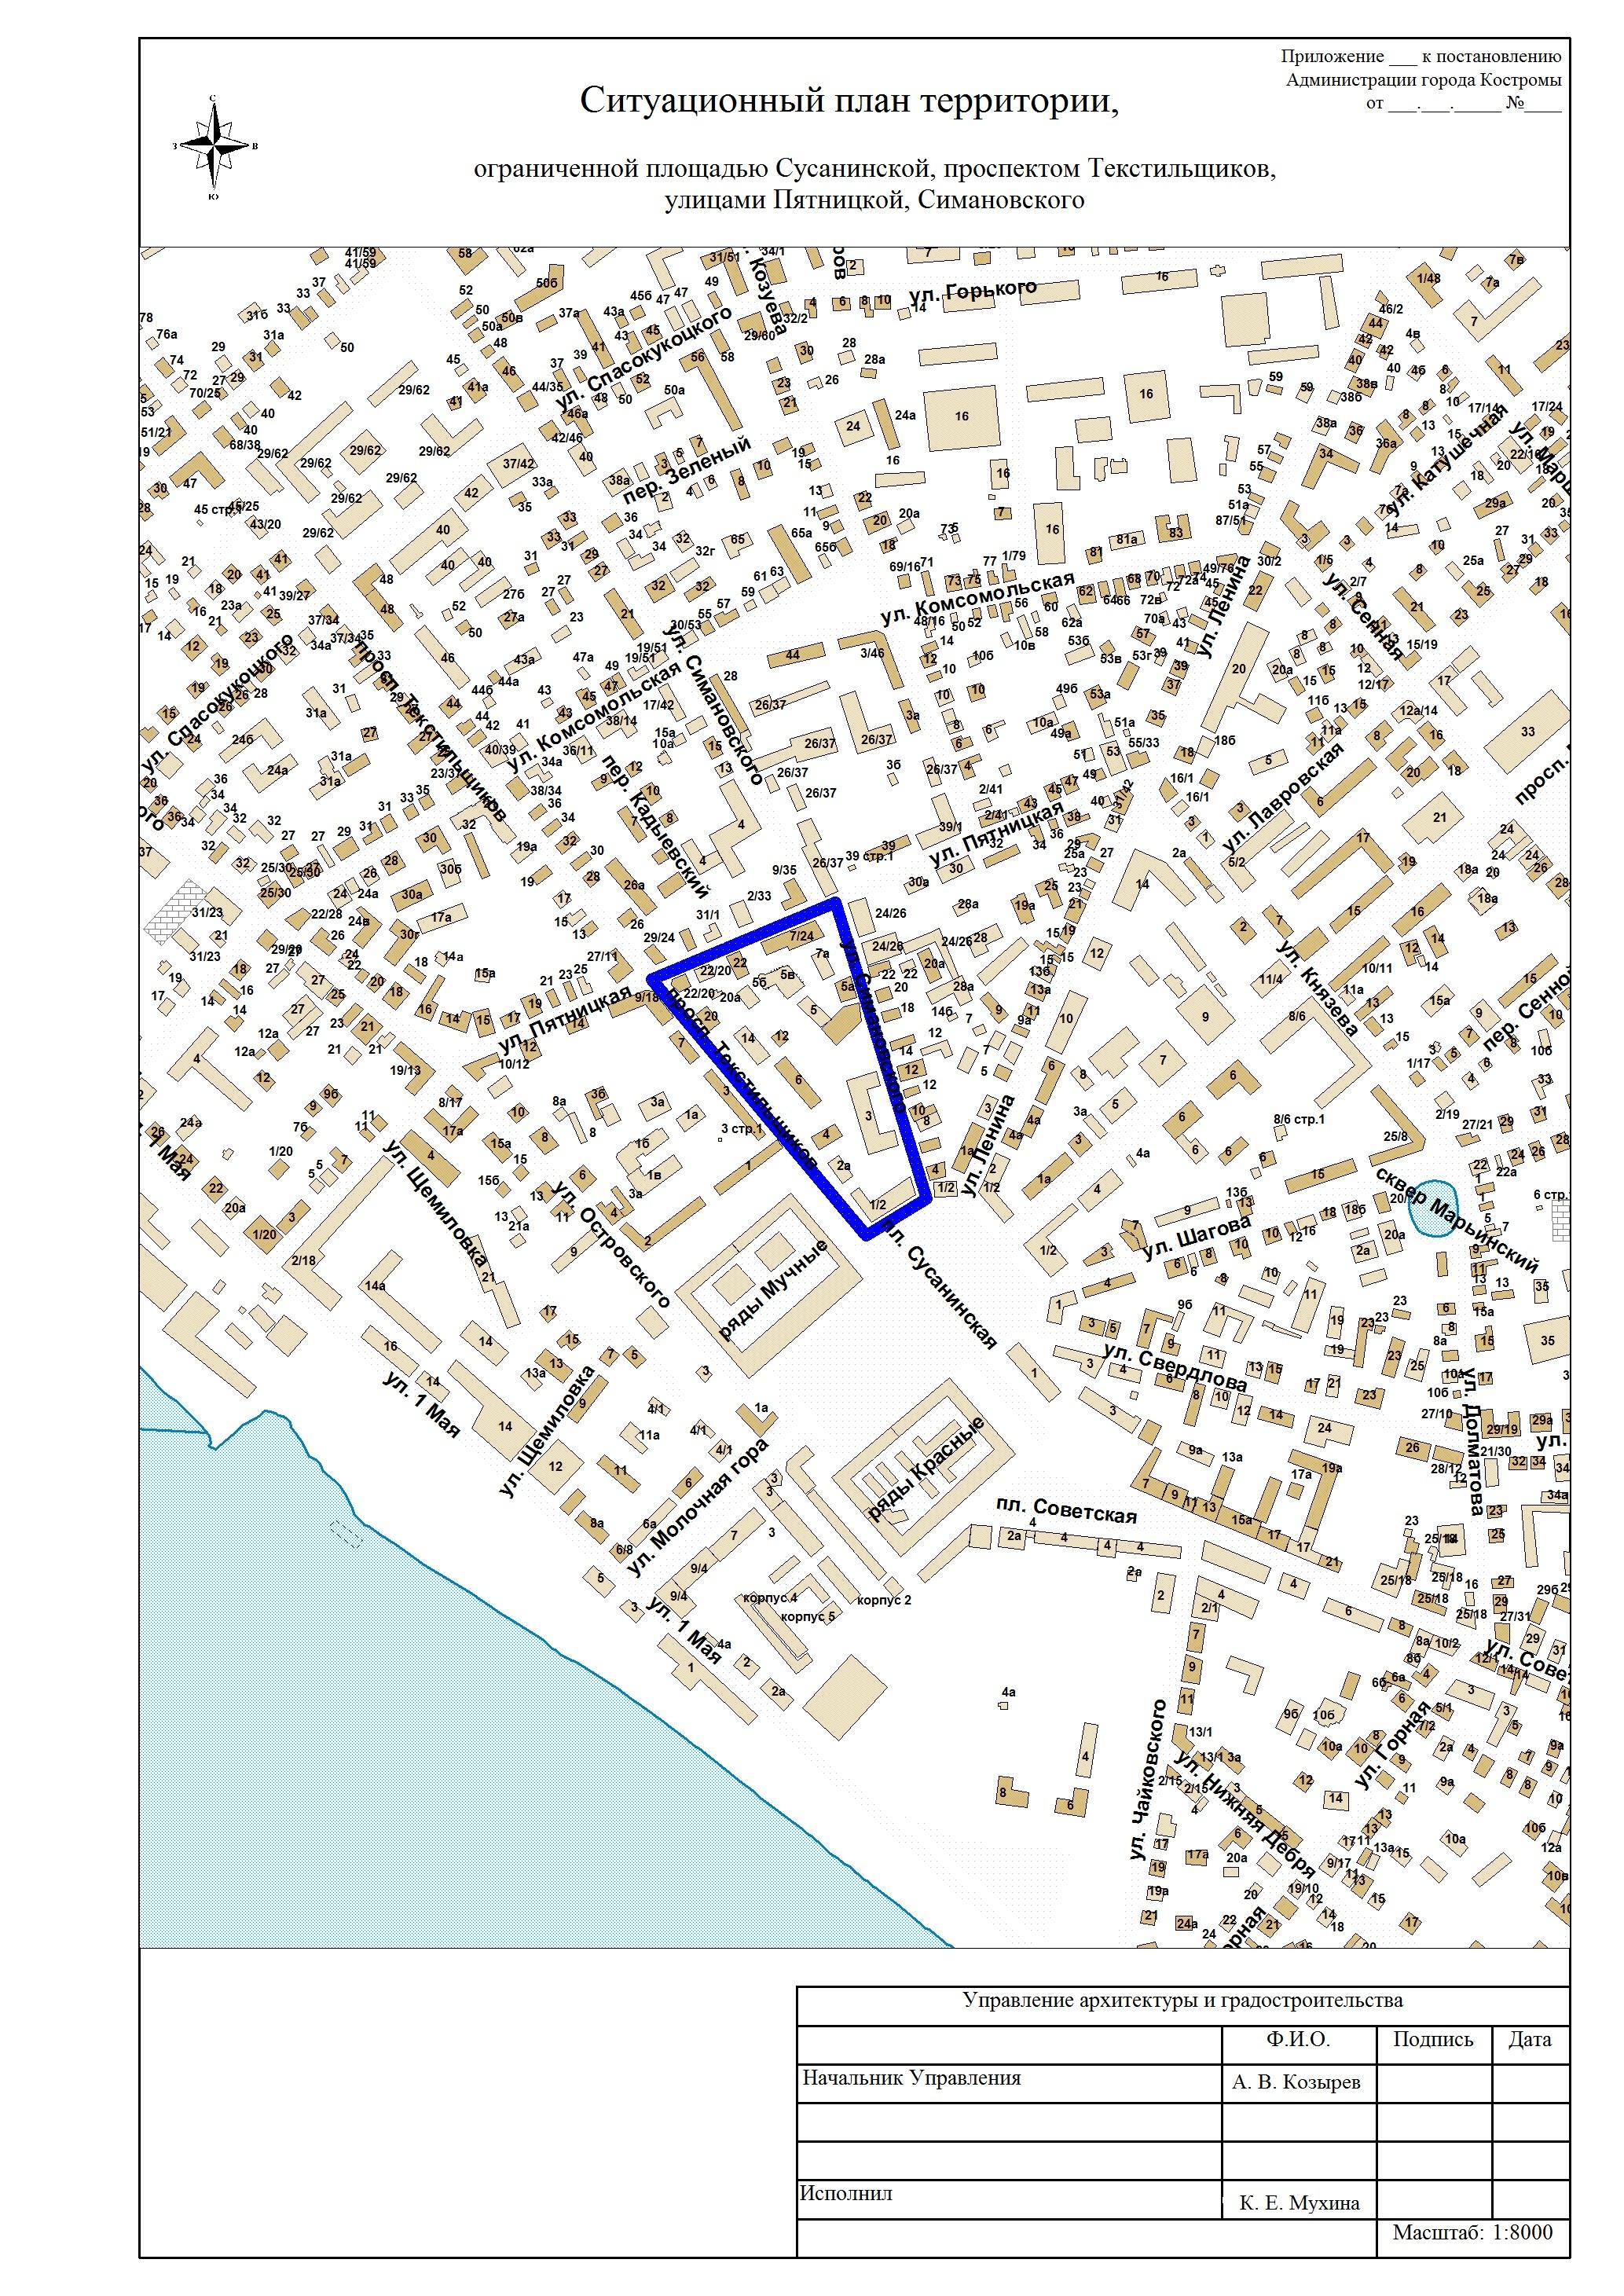 Проект межевания территории, ограниченной площадью Сусанинской, проспектом Текстильщиков, улицами Пятницкой, Симановского